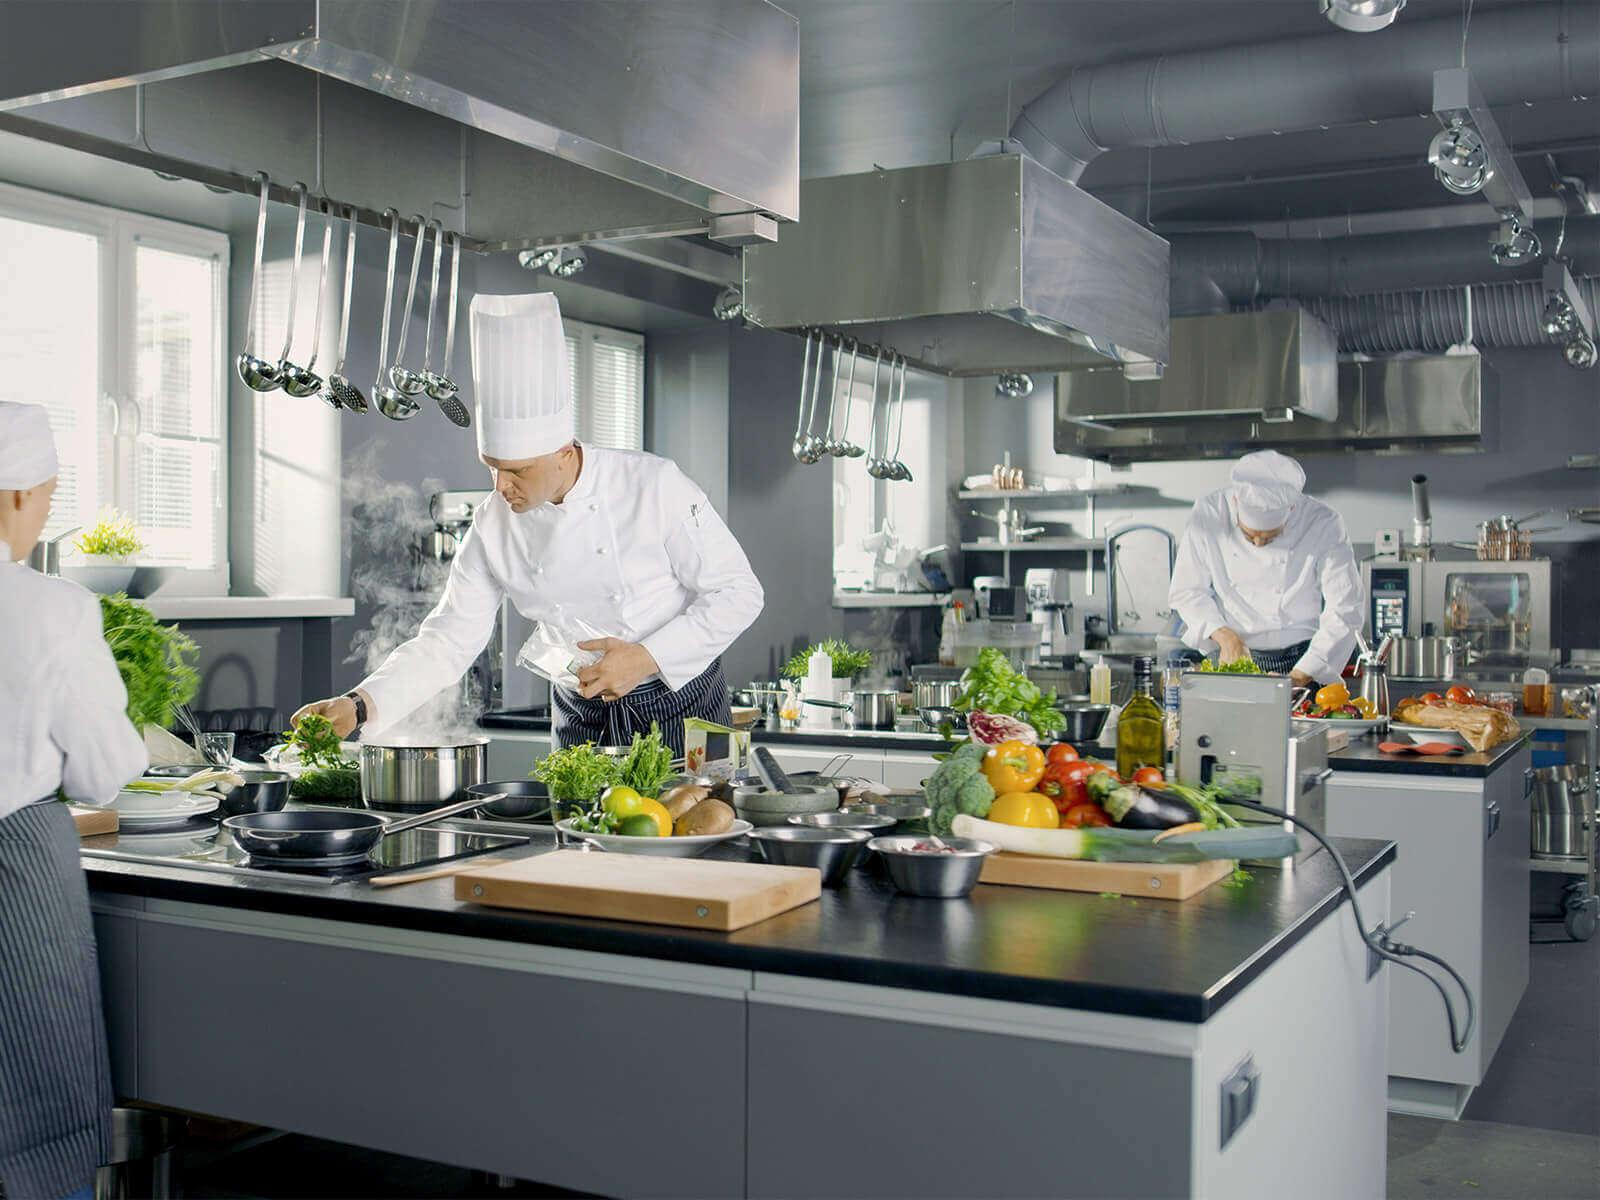 Full Size of Küchenabluft Entlftung In Gastronomie Wohnzimmer Küchenabluft